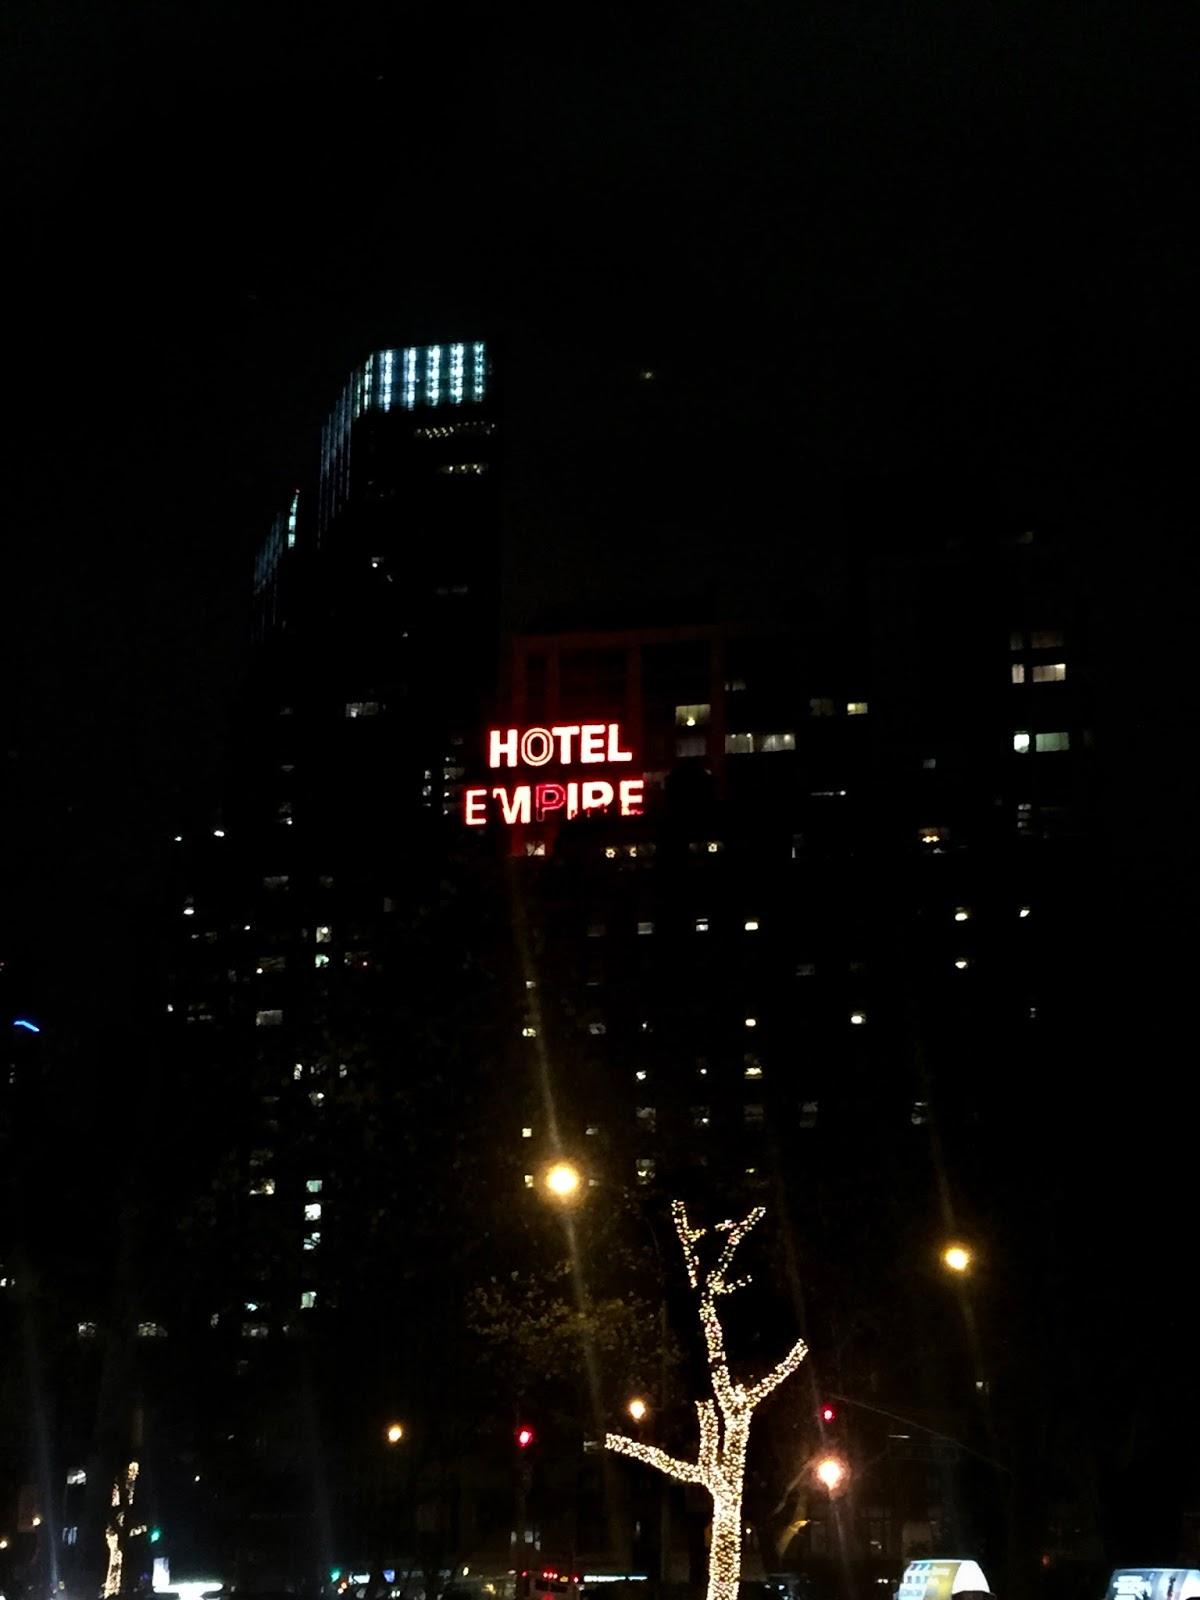 Empire Hotel Upper West Side Gossip Girl Chuck Bass